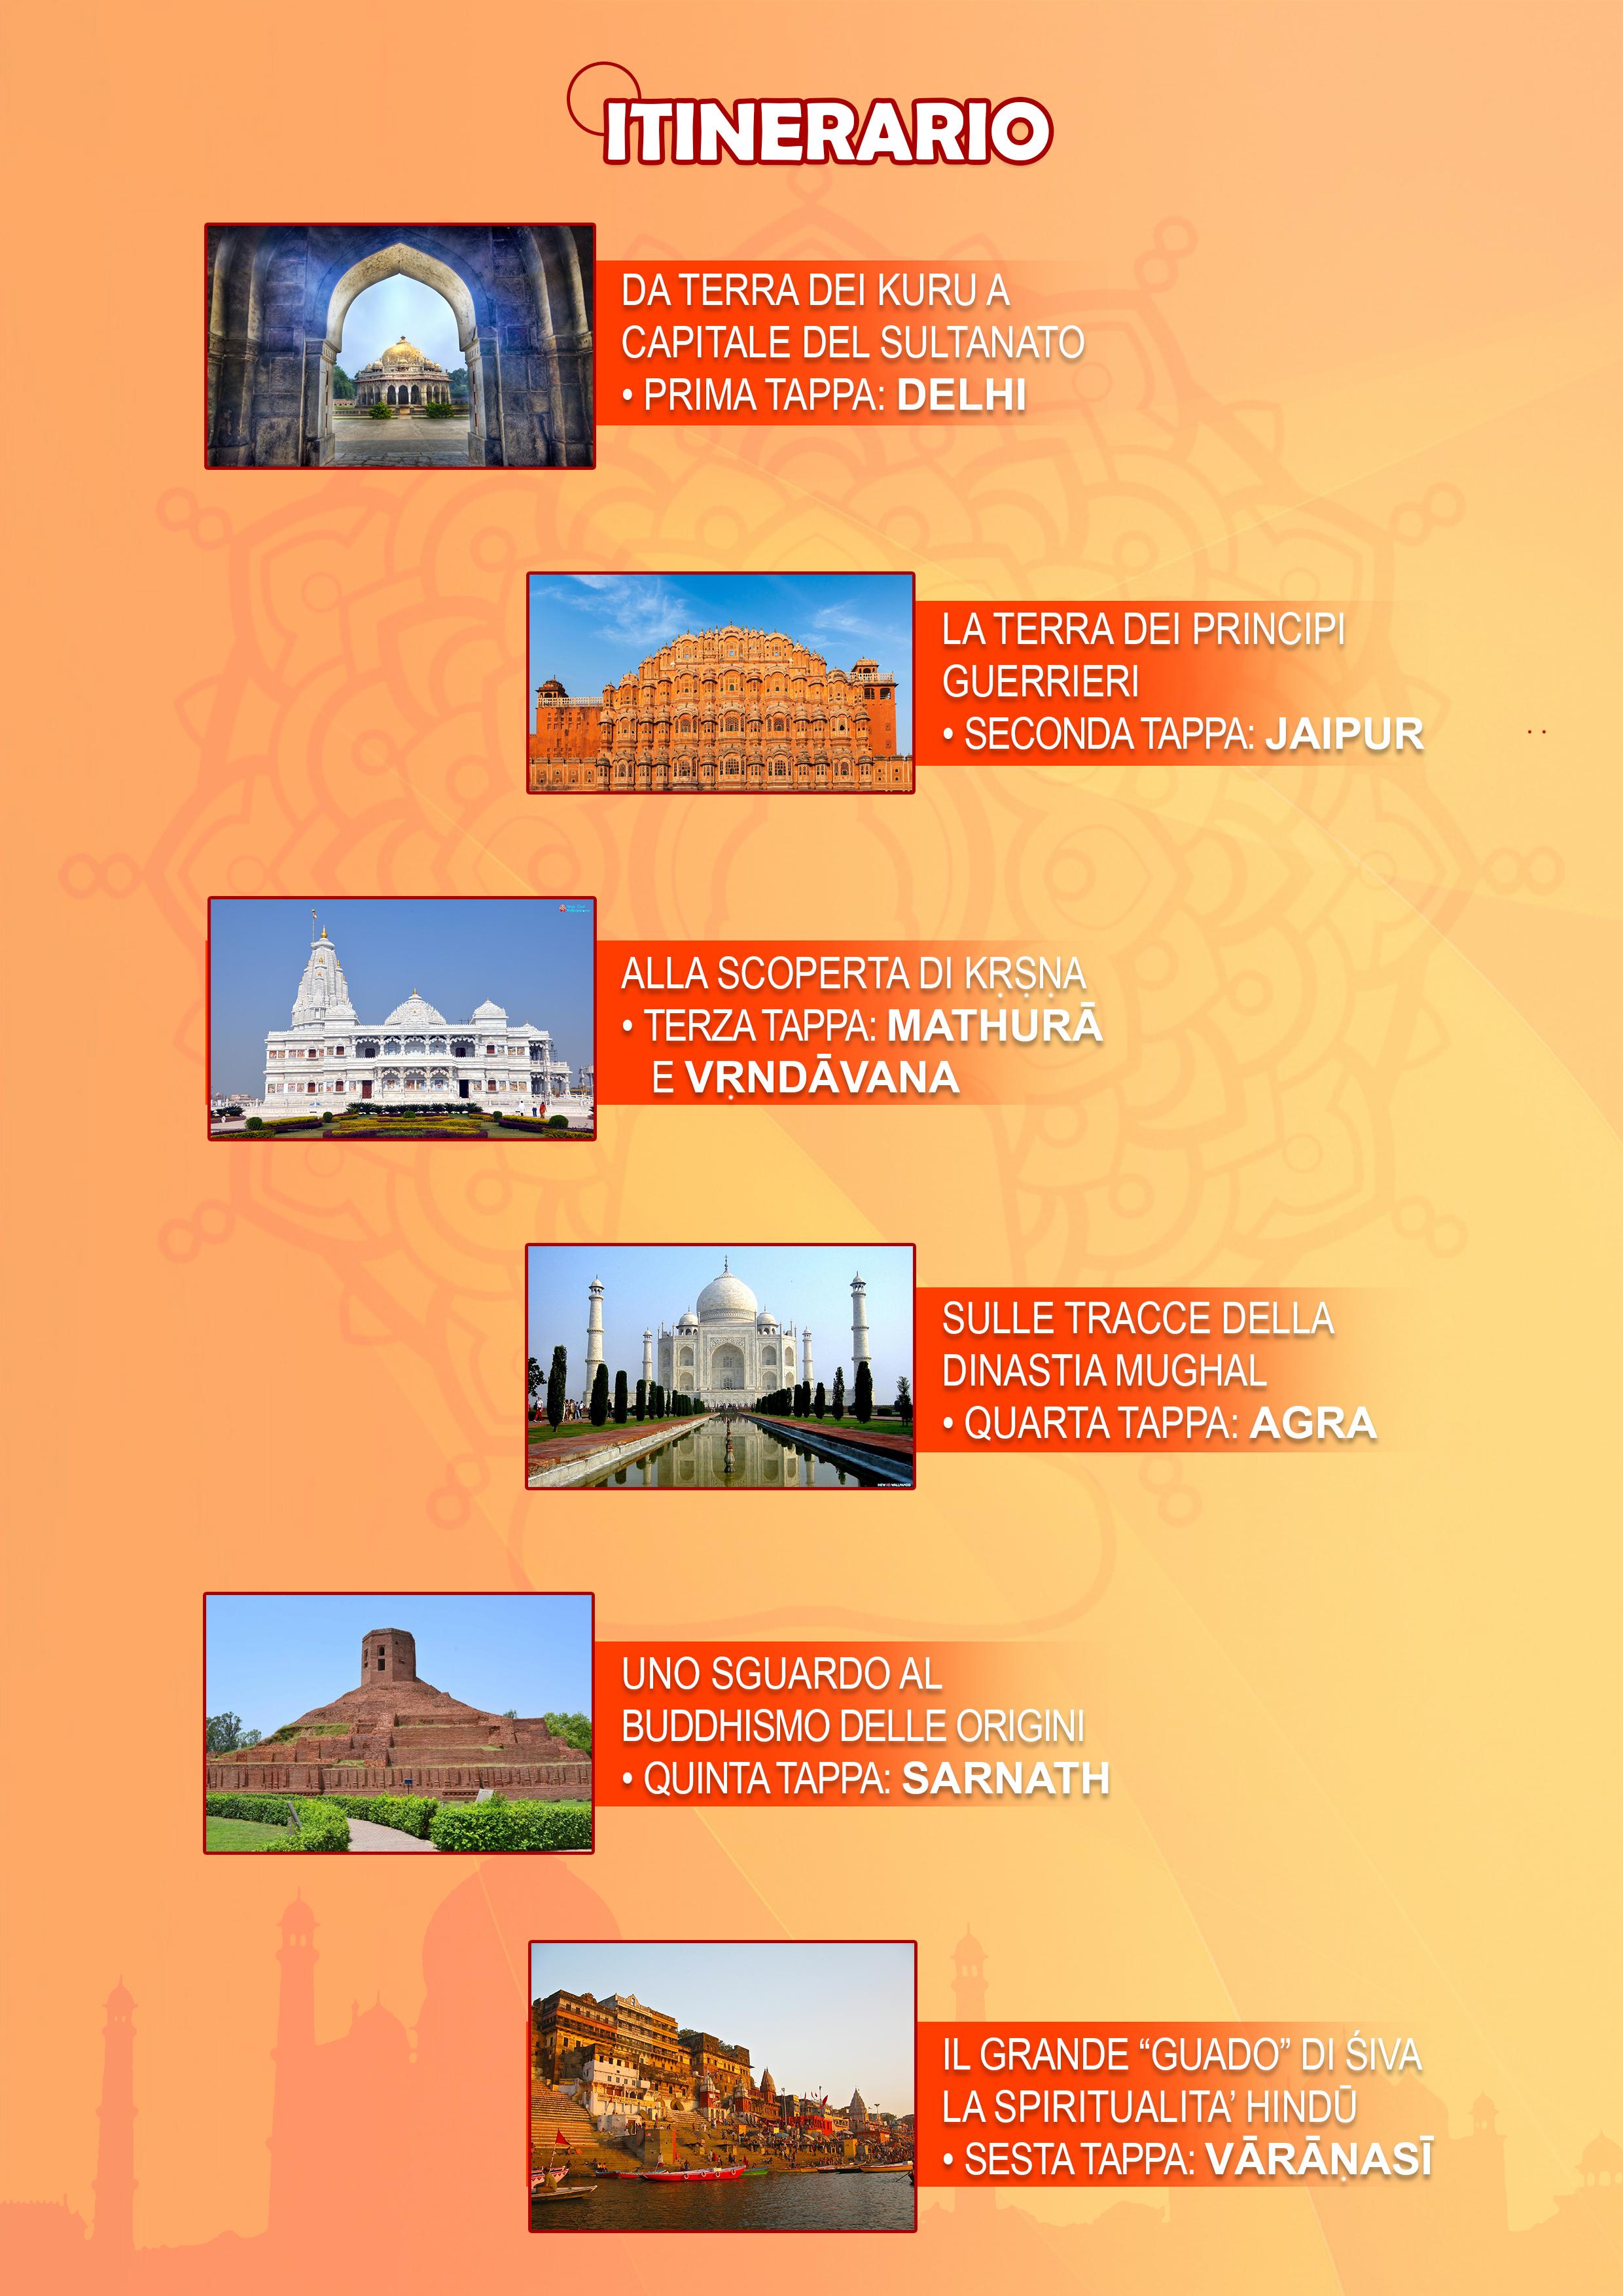 Itinerario India 2020